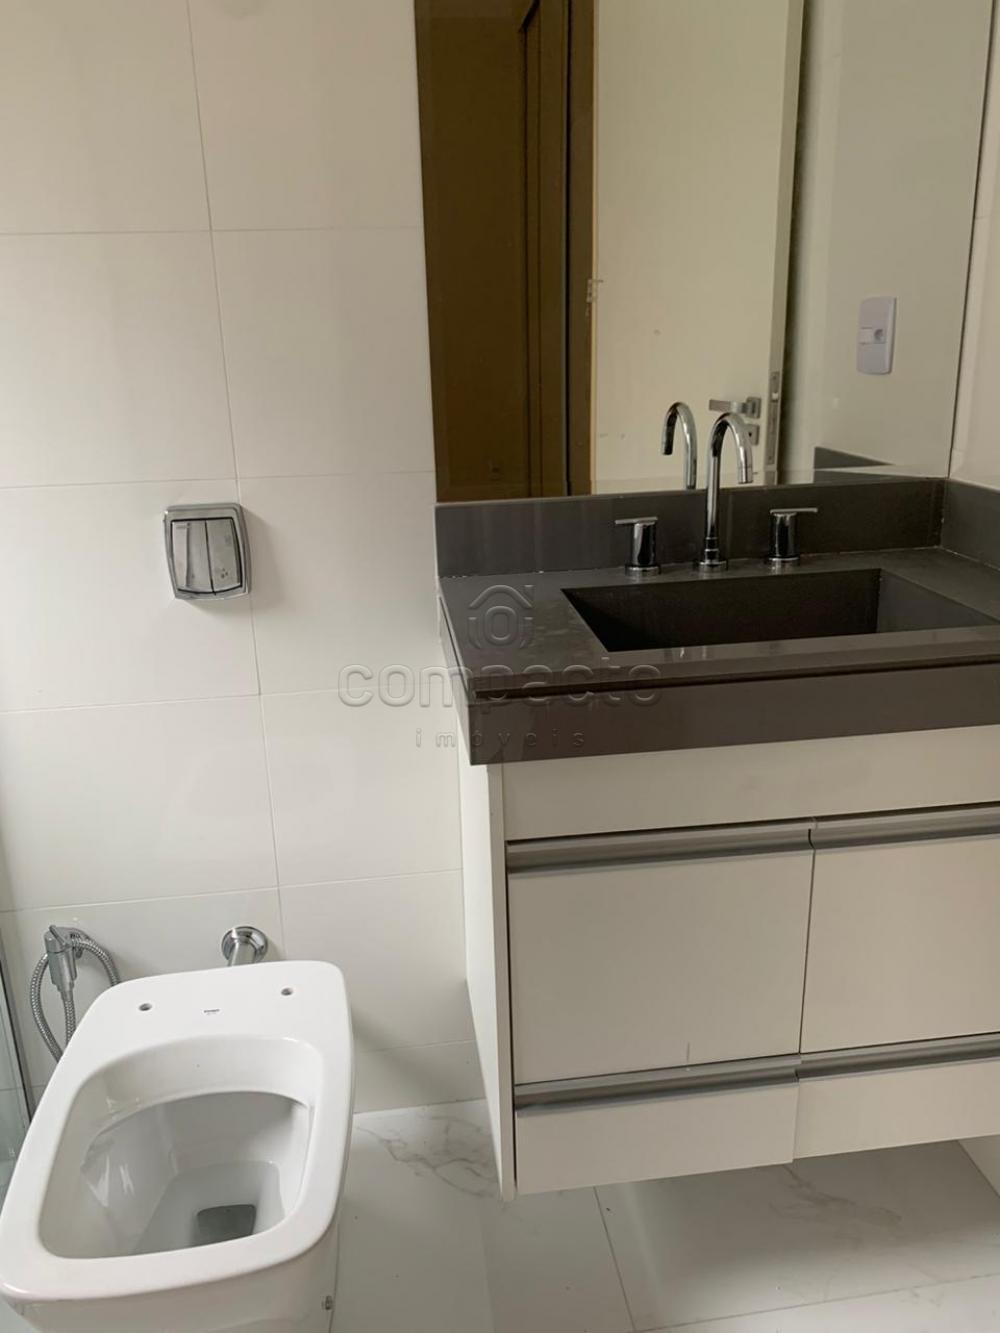 Comprar Casa / Condomínio em São José do Rio Preto apenas R$ 970.000,00 - Foto 11